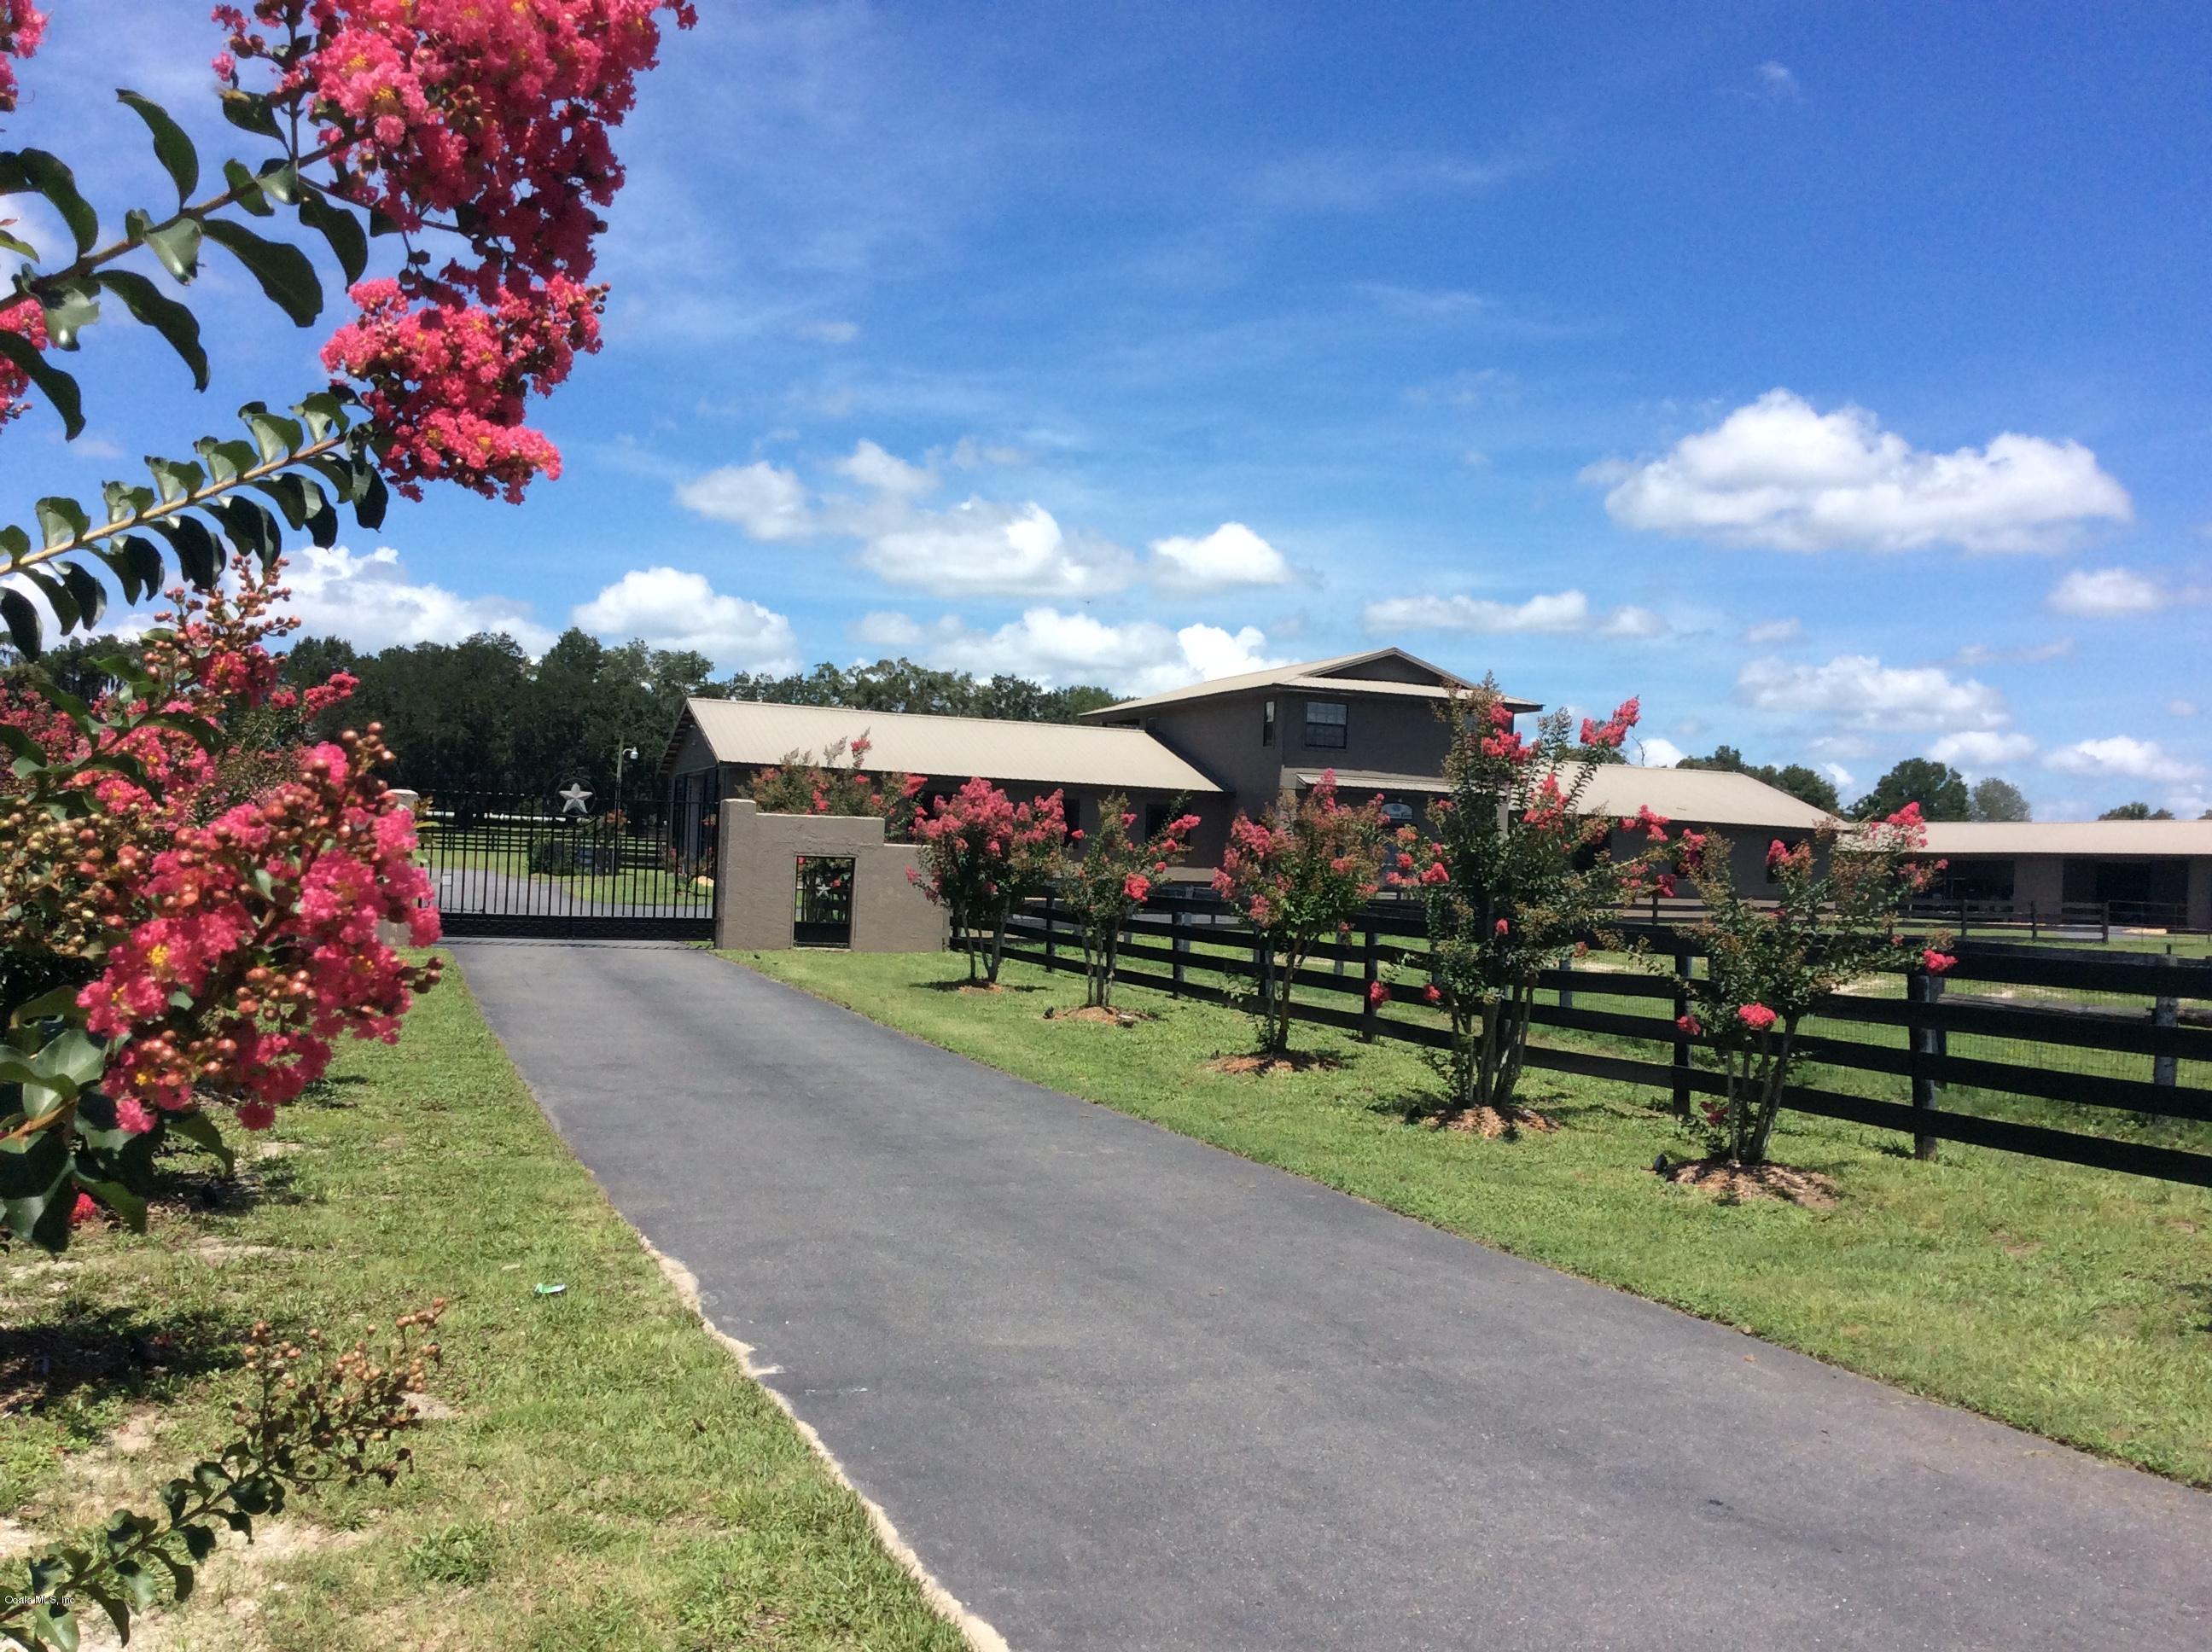 3 Bedrooms Farm in Reddick